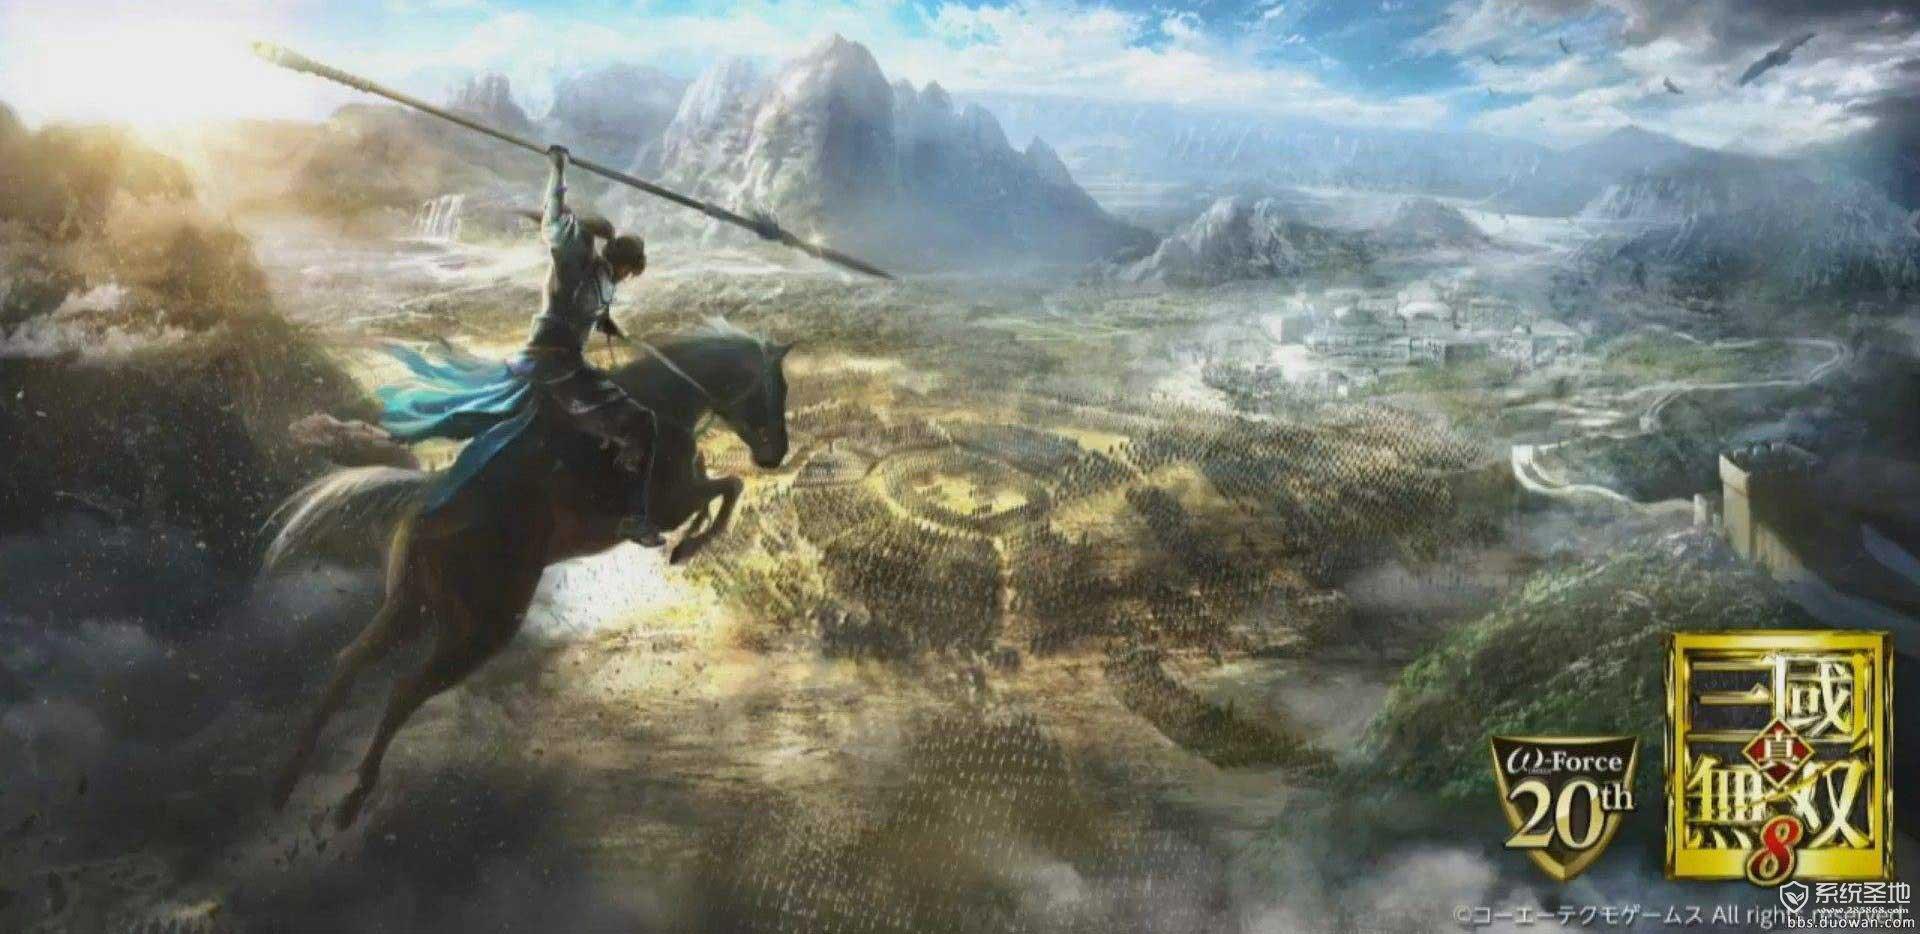 《真三国无双8》开放世界及新战斗系统介绍